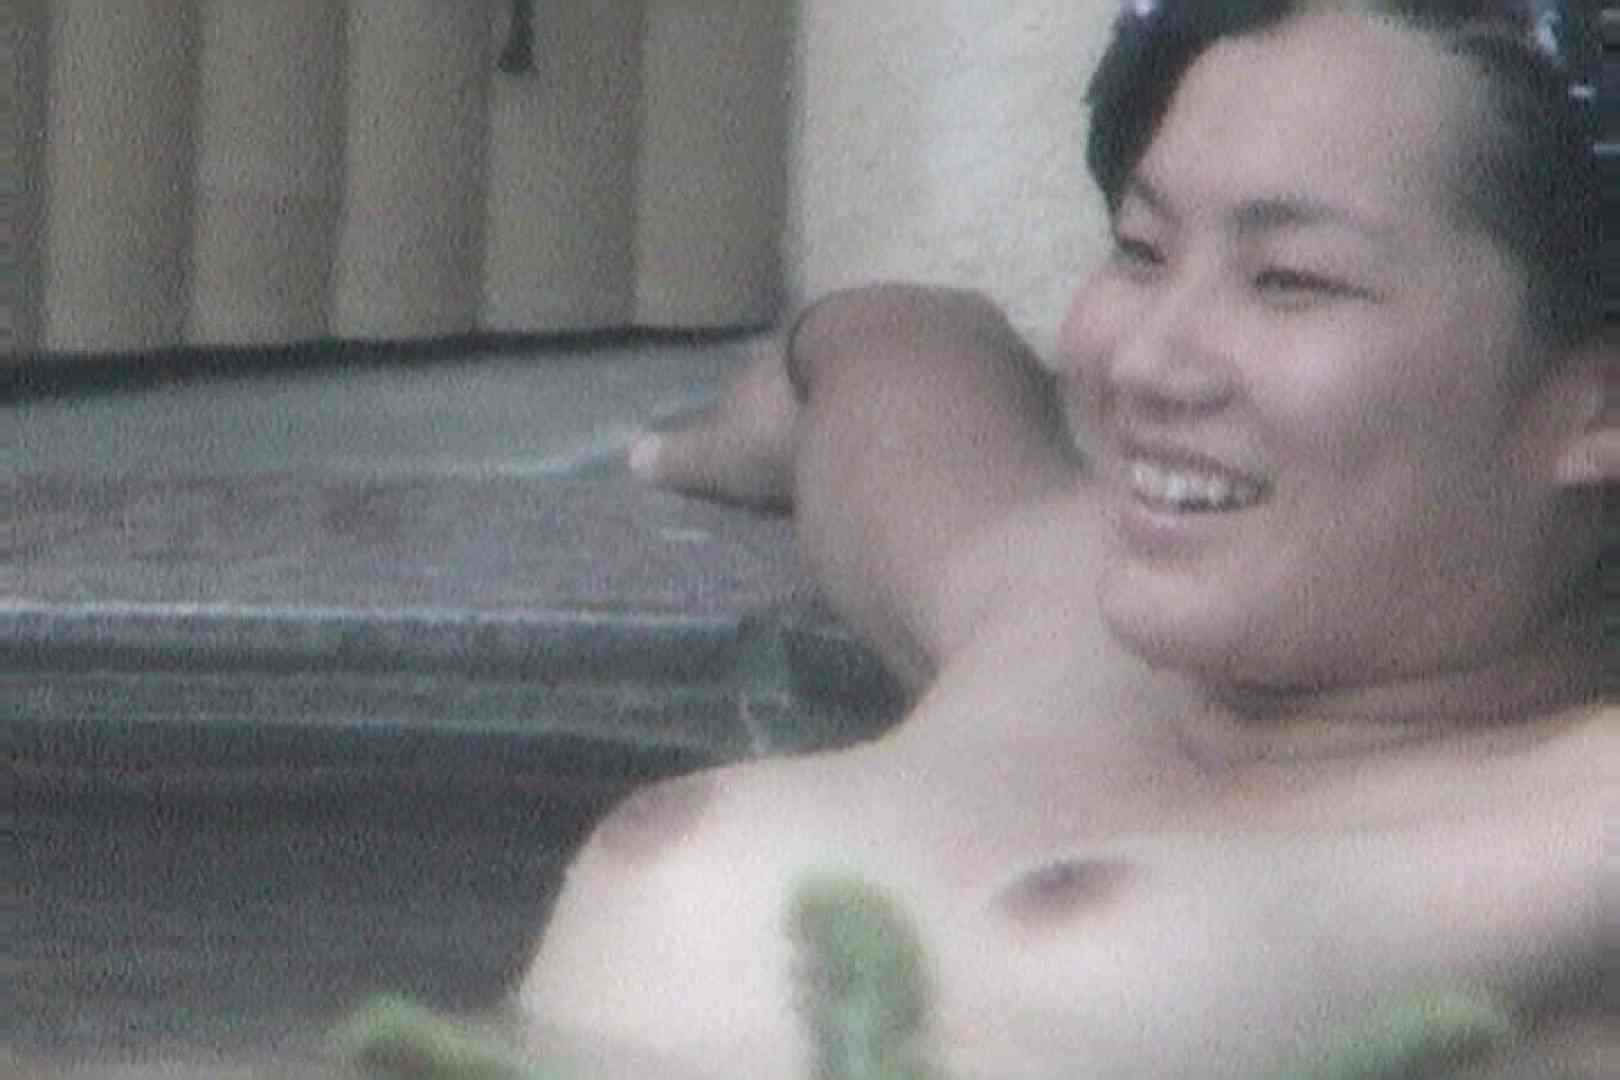 Aquaな露天風呂Vol.103 露天 | 盗撮  57画像 7